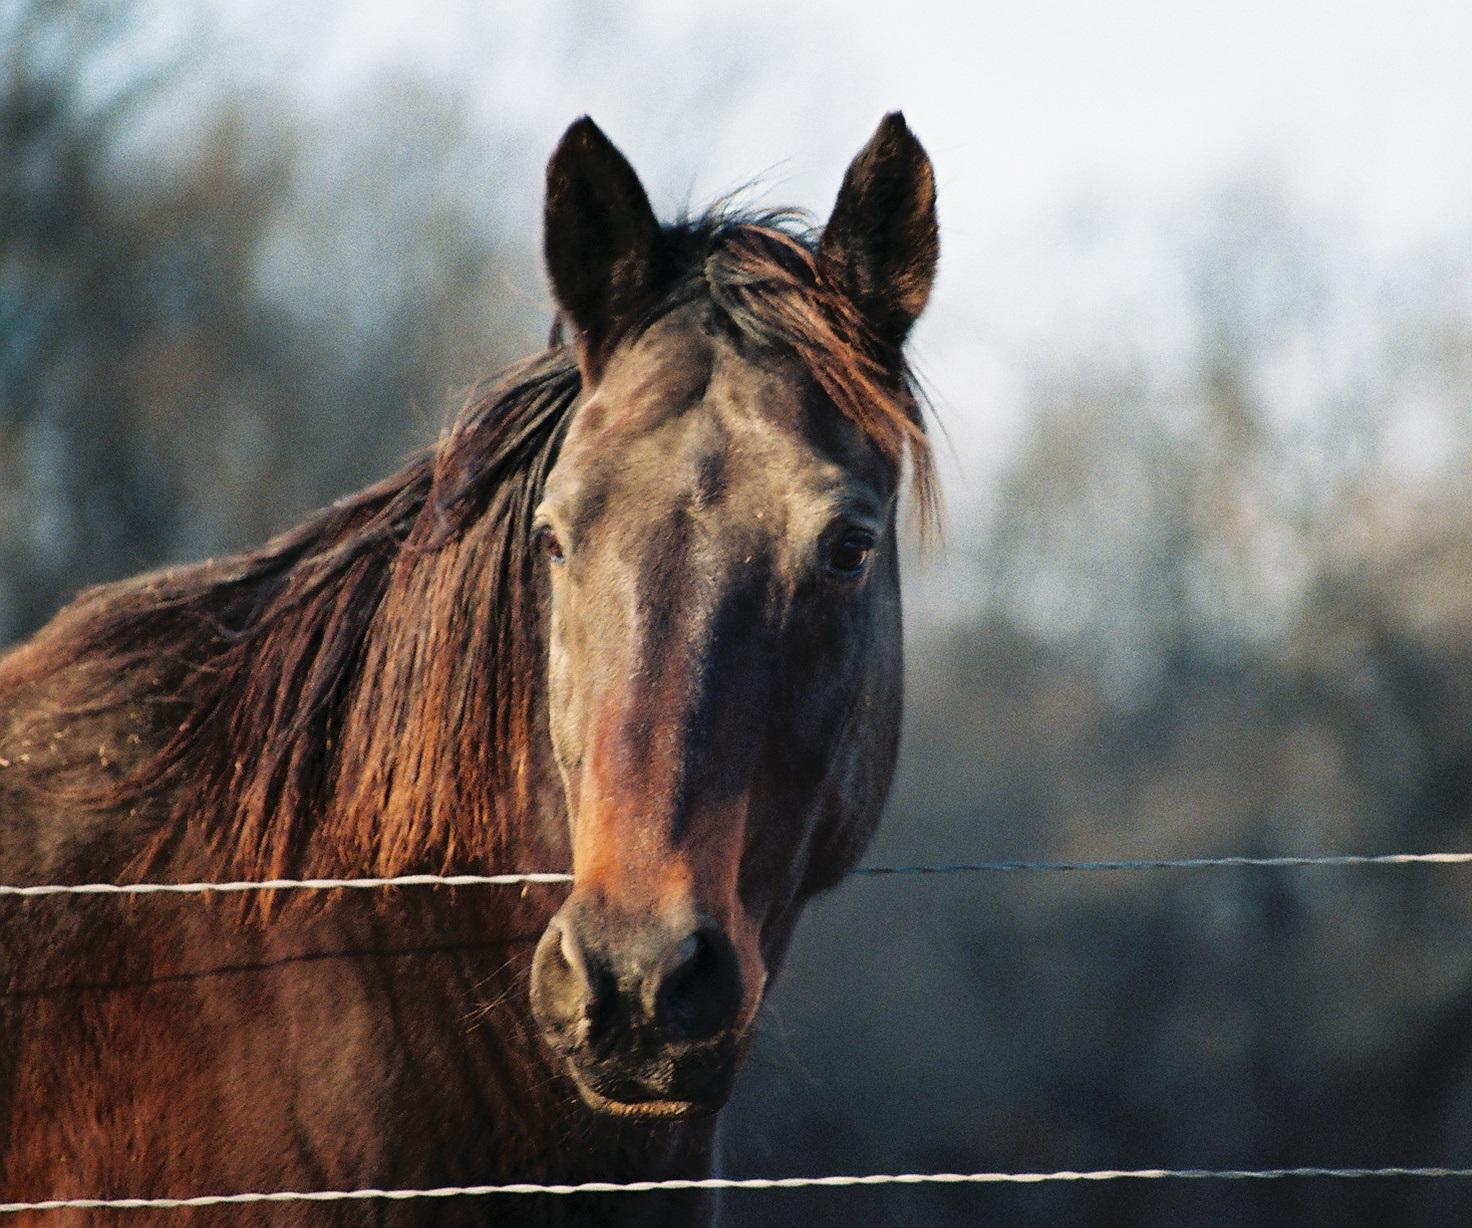 Tierfotografie eines Pferdes_1